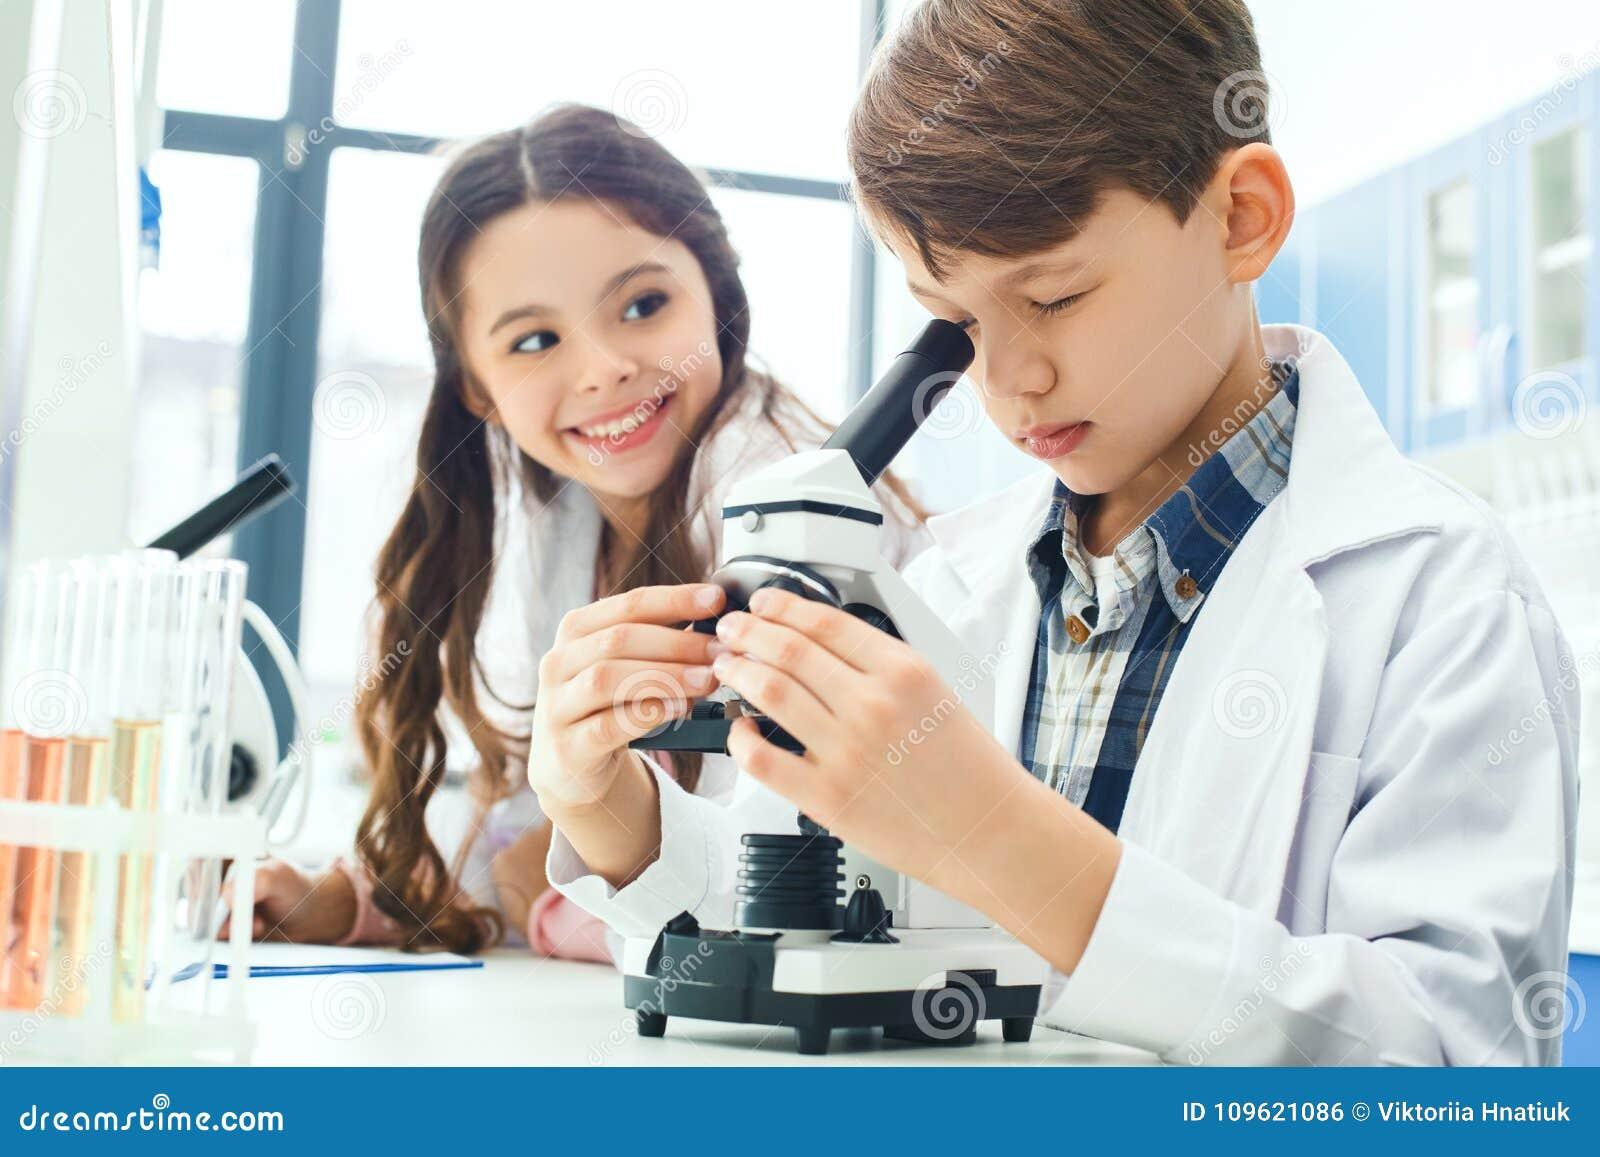 Małe dzieci uczy się chemię w szkolnych laboranckich mikroskopu eksperymentu notatkach